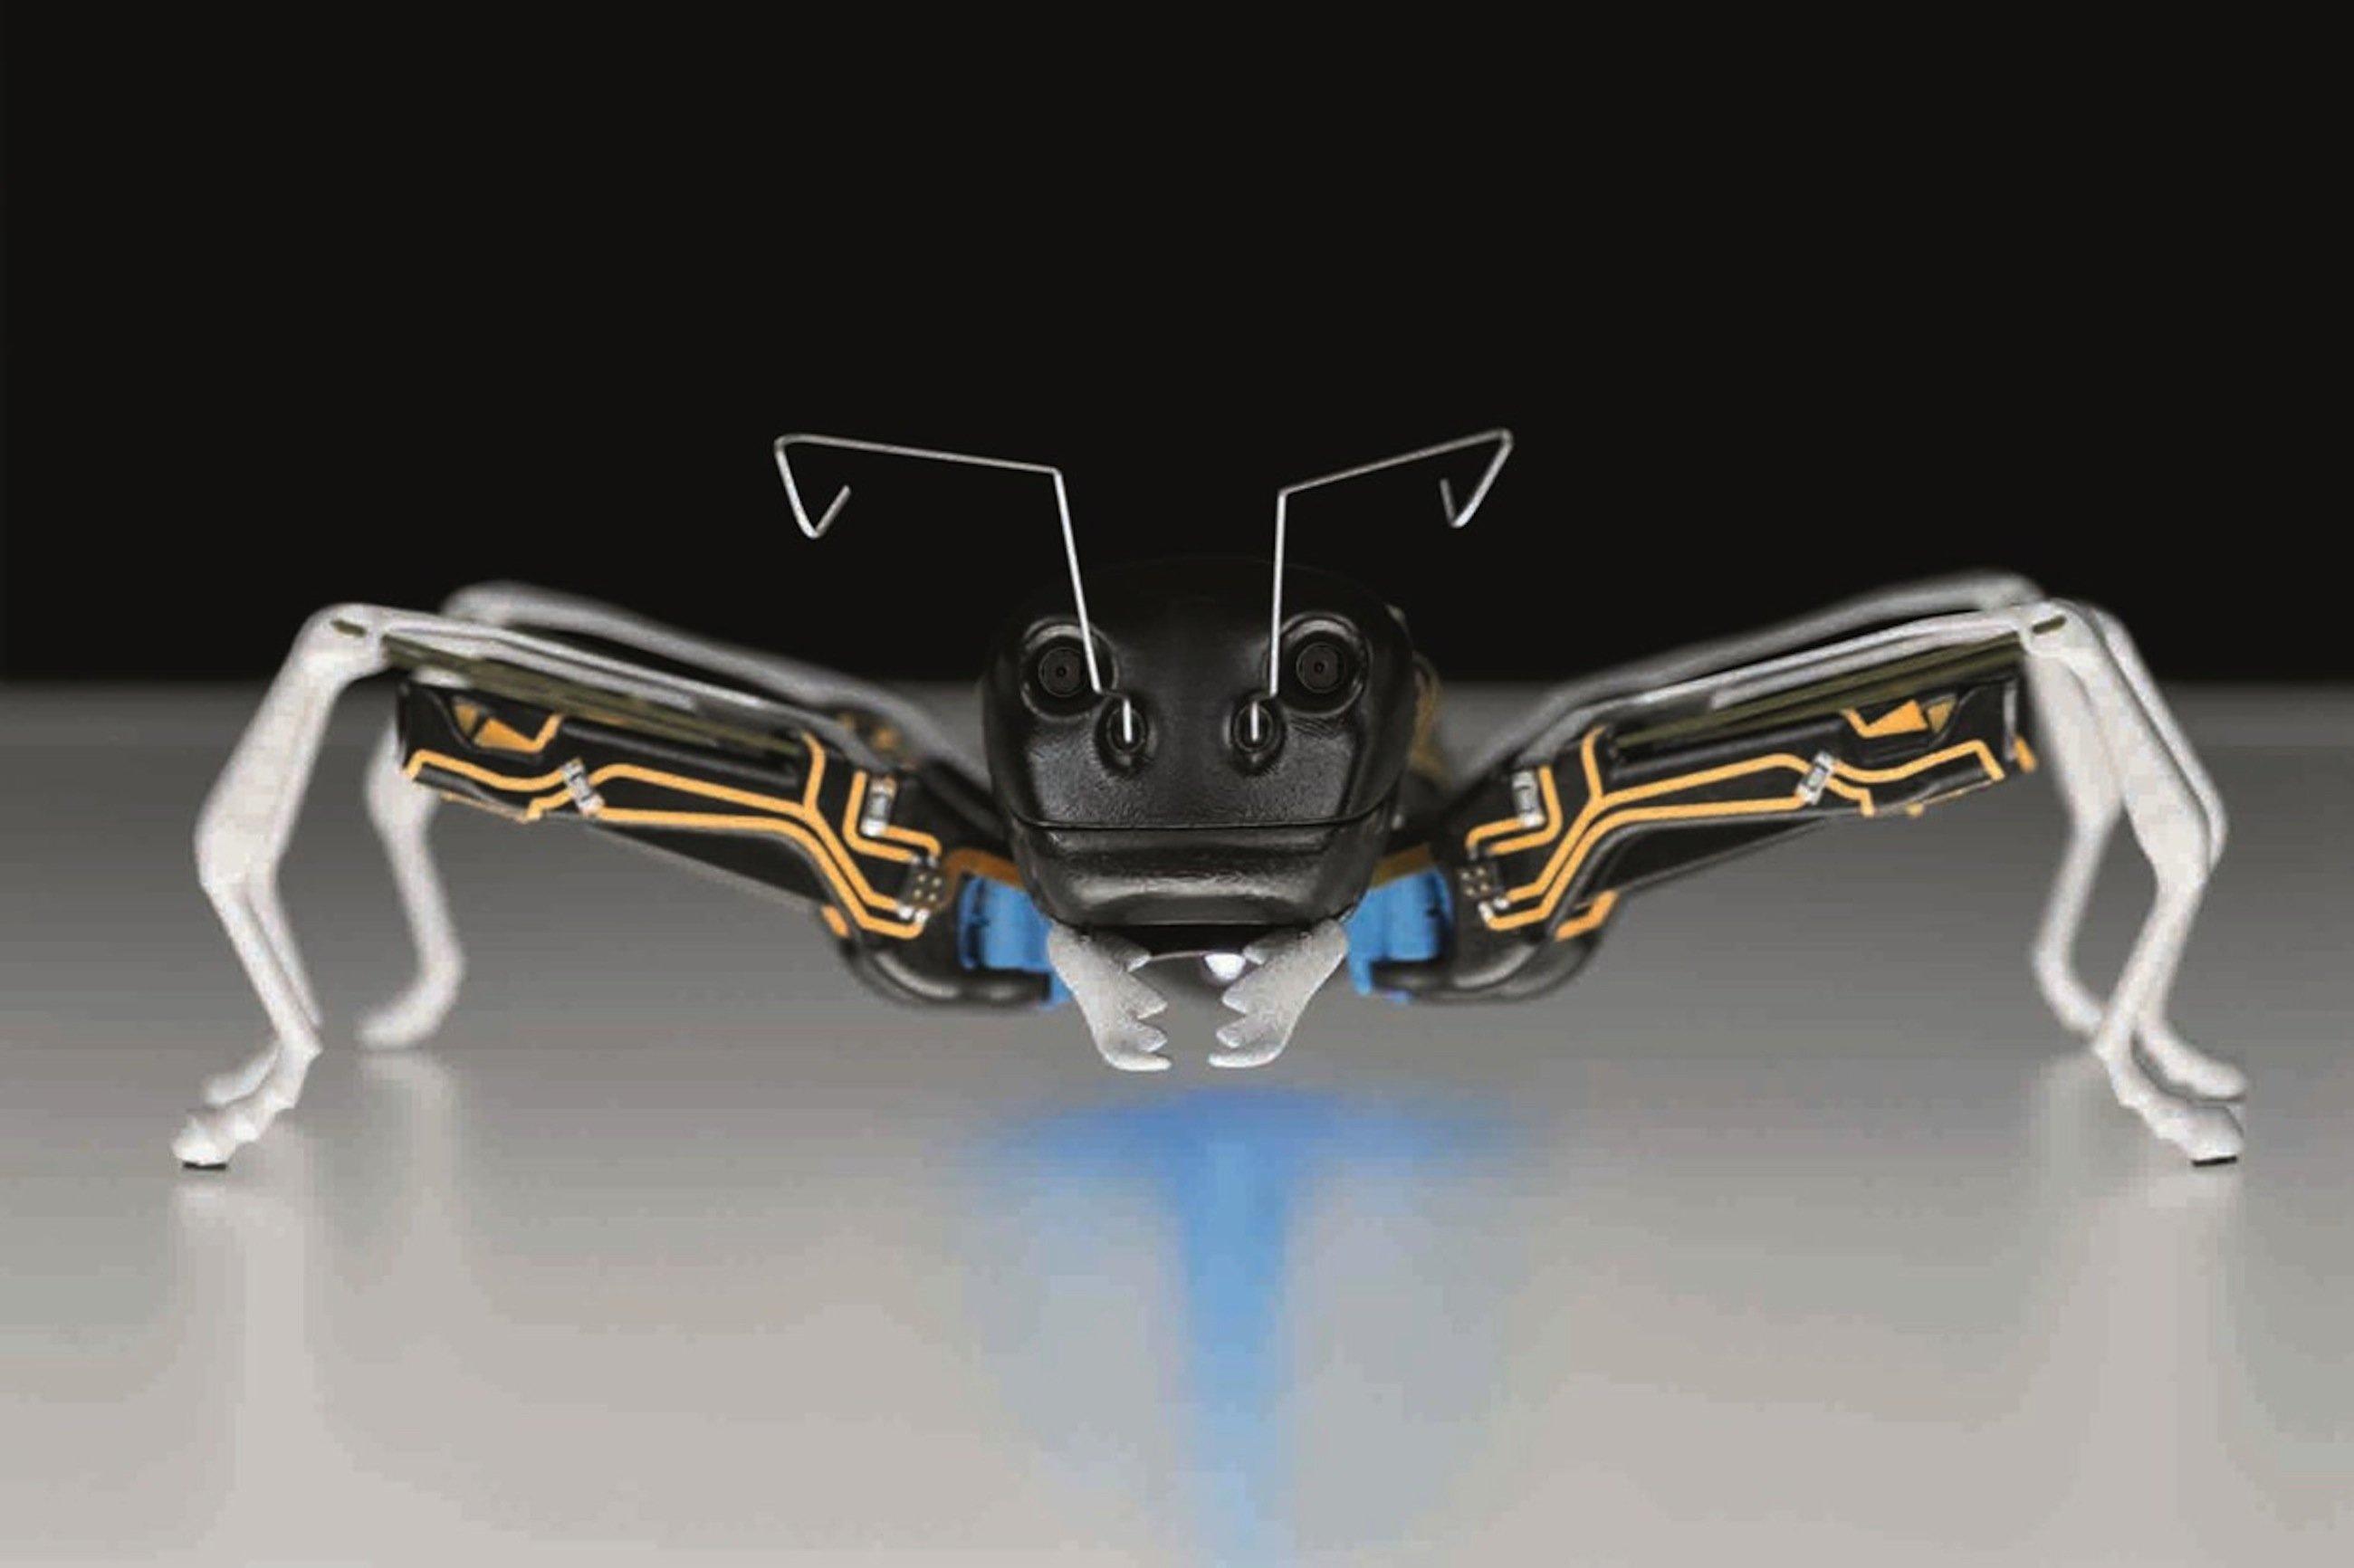 Die knapp 14 Zentimeter großen Roboter bestehen aus lasergesinterten Polyamid, die Fühler sind aus Federstahl gefertigt.